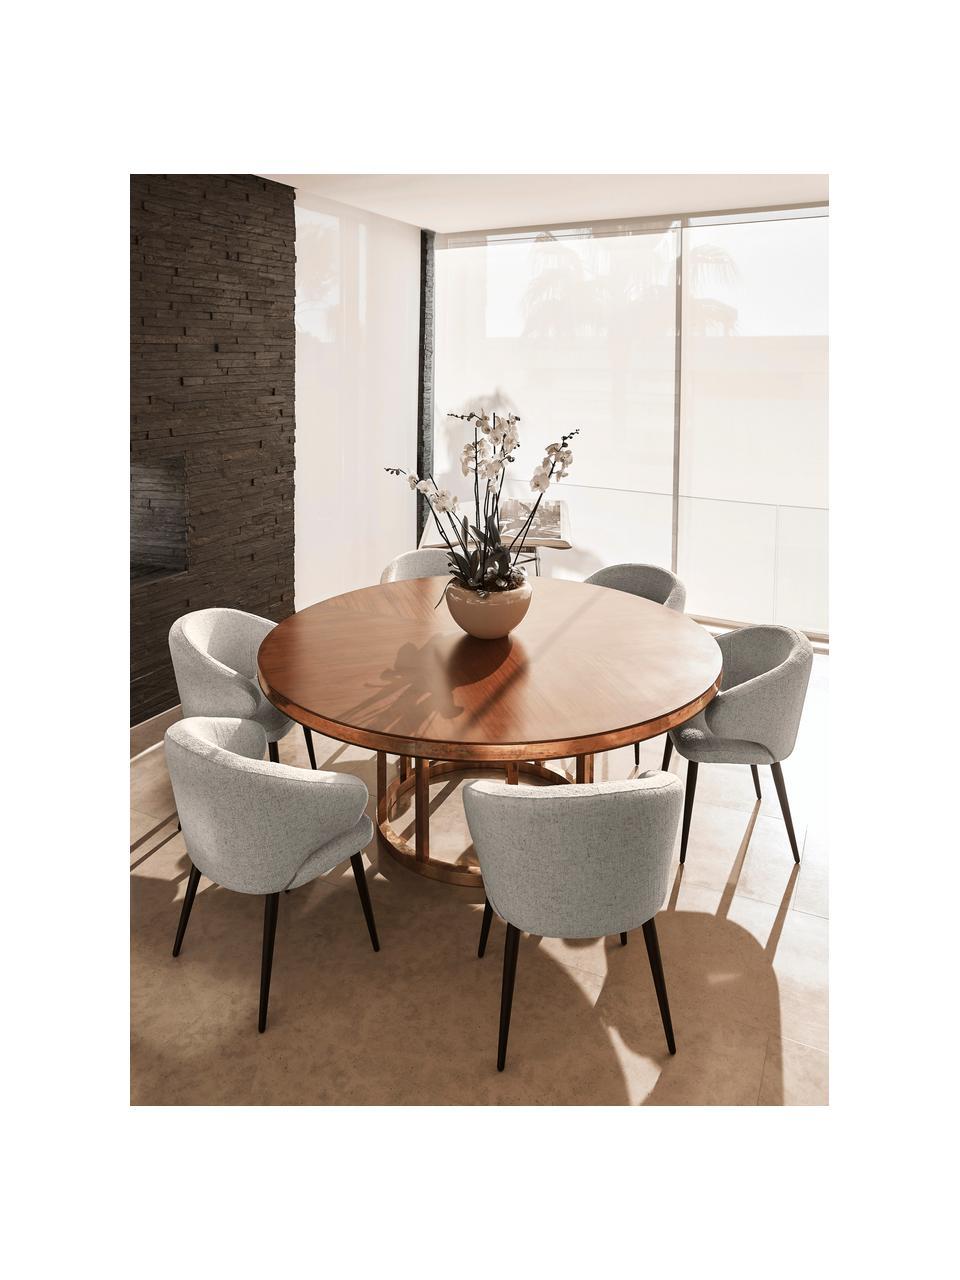 Krzesło z podłokietnikami bouclé Celia, Tapicerka: bouclé (80% poliester, 20, Nogi: metal malowany proszkowo, Jasny szary, S 57 x G 62 cm